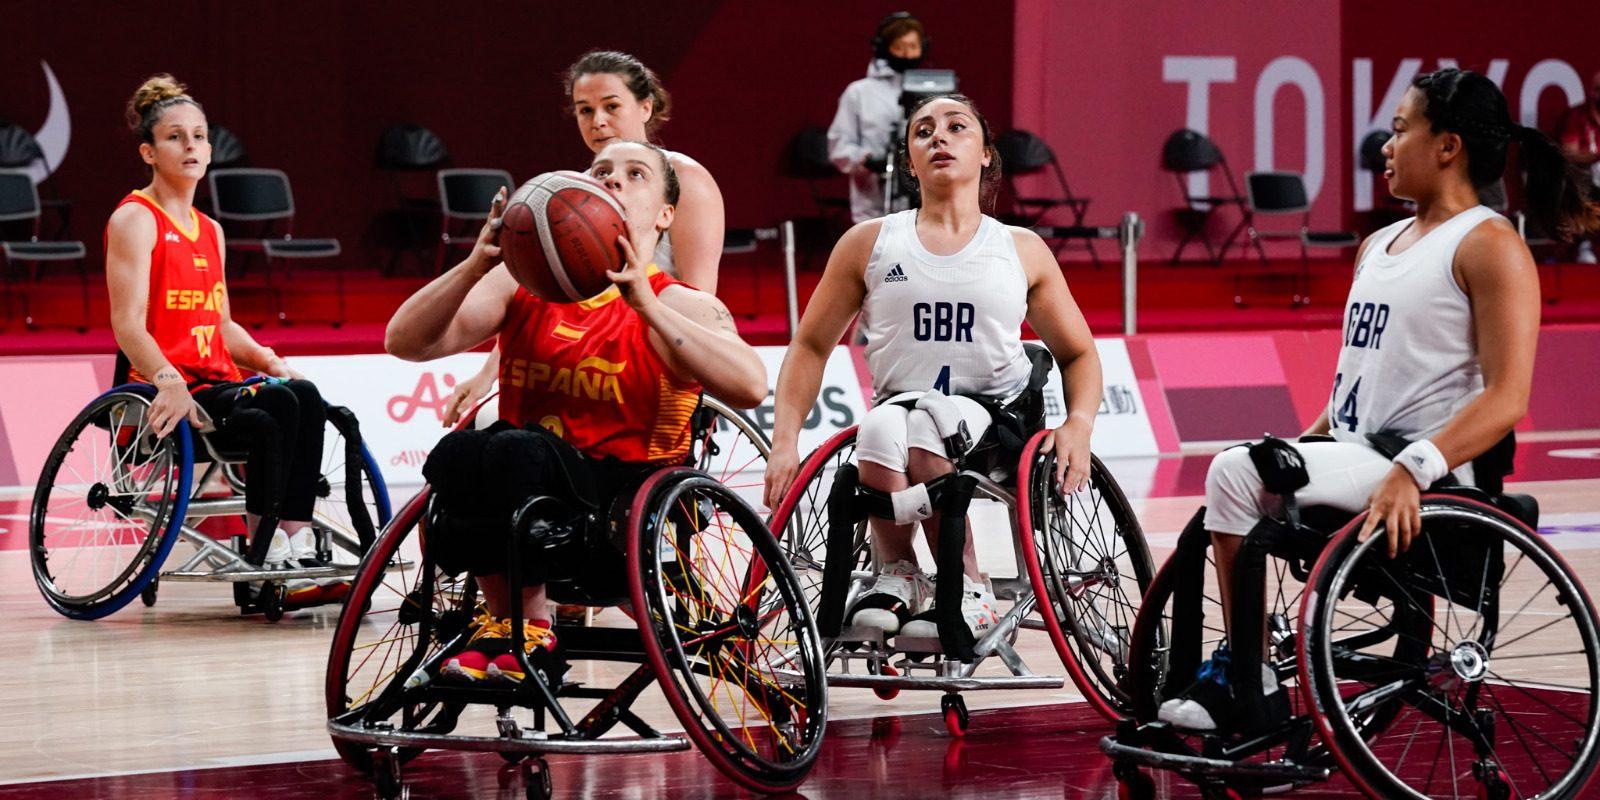 La selección española de baloncesto femenino en silla. Fuente: CPE.